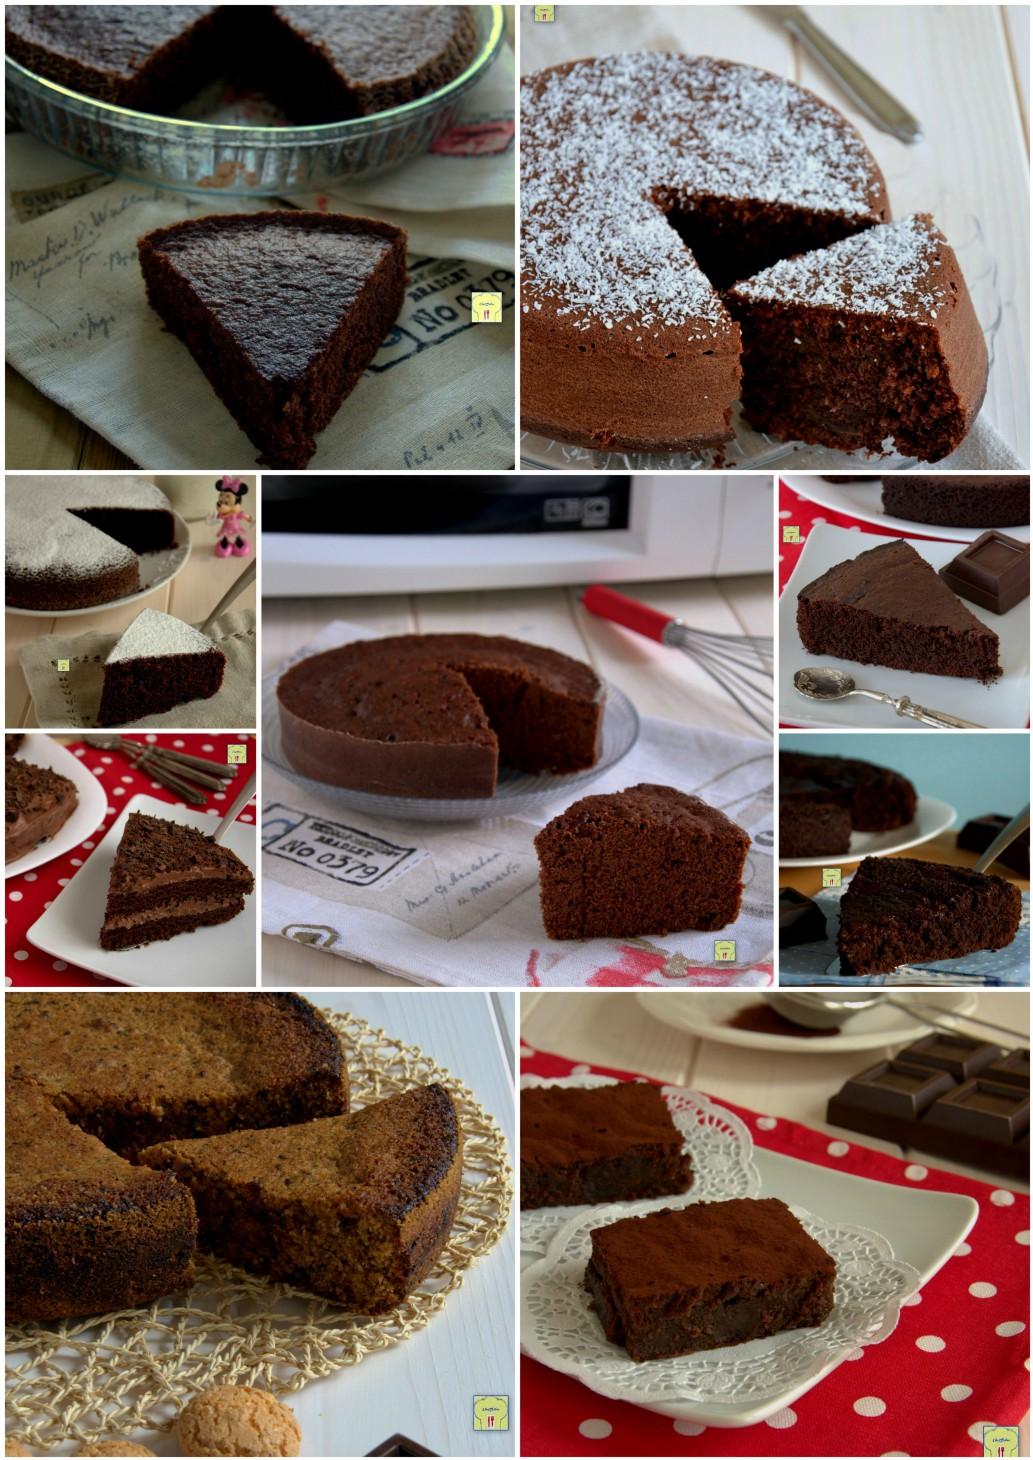 torta al cioccolato: le migliori ricette gp